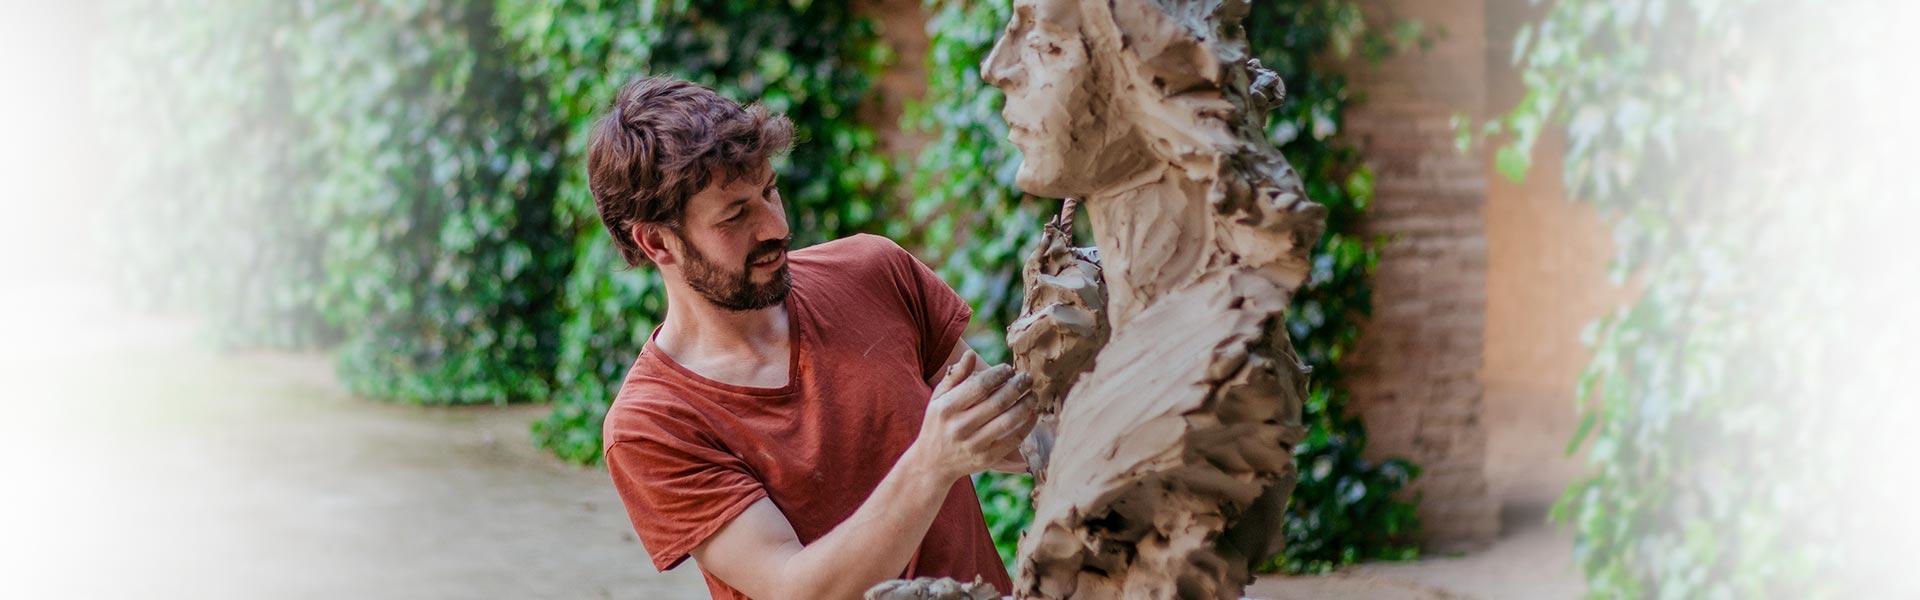 Martín Lagares - Escultura